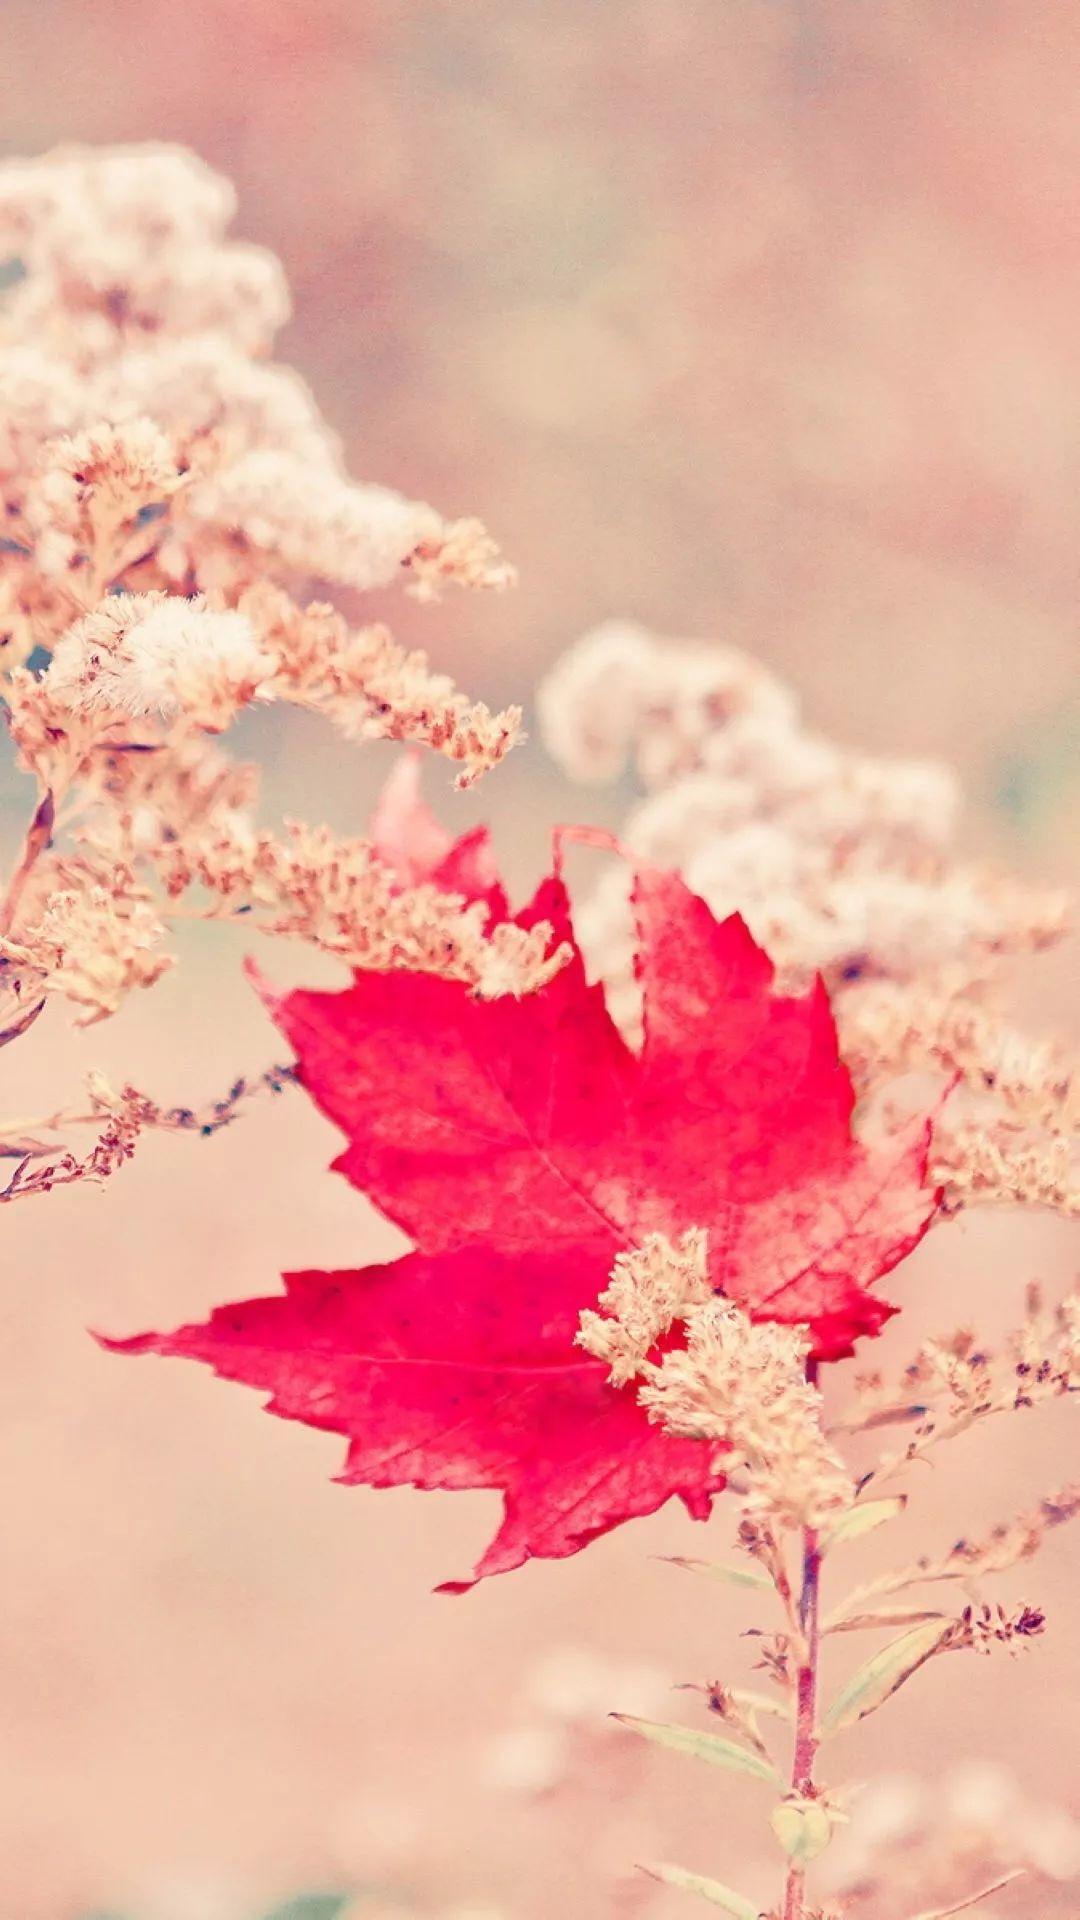 风中的落叶图片